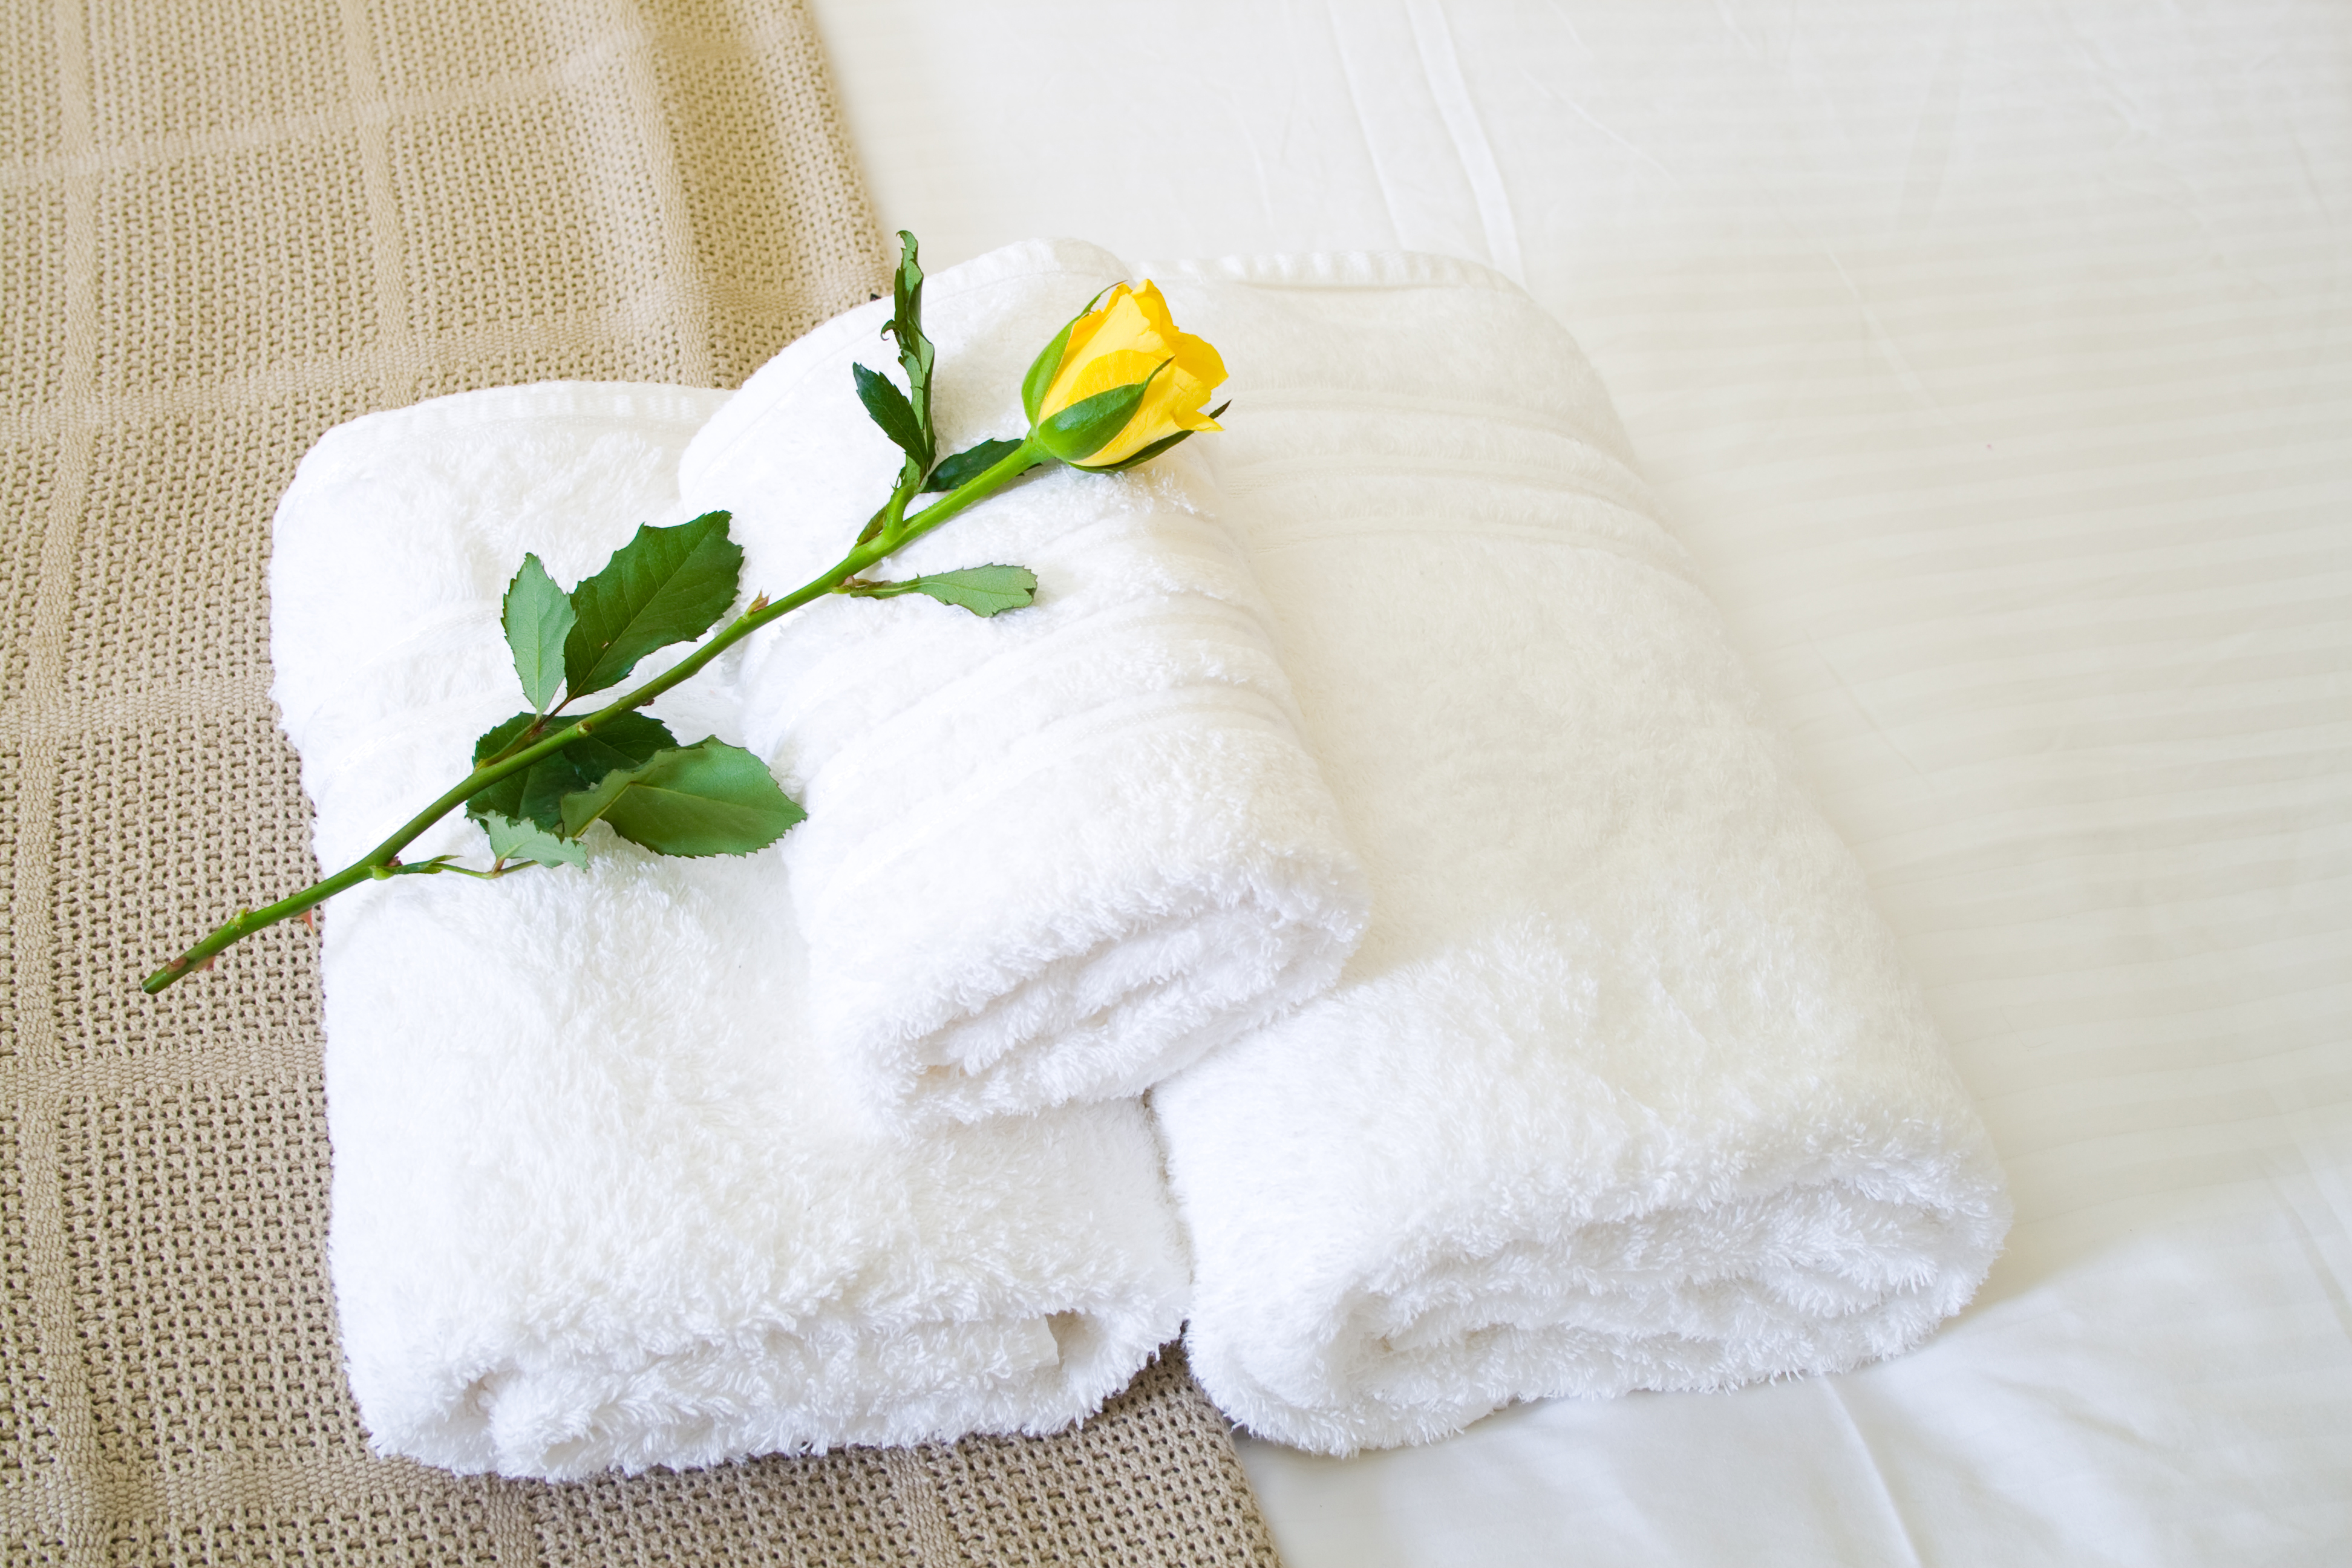 游客减少、经营欠佳, 日本酒店业推长期住宿项目